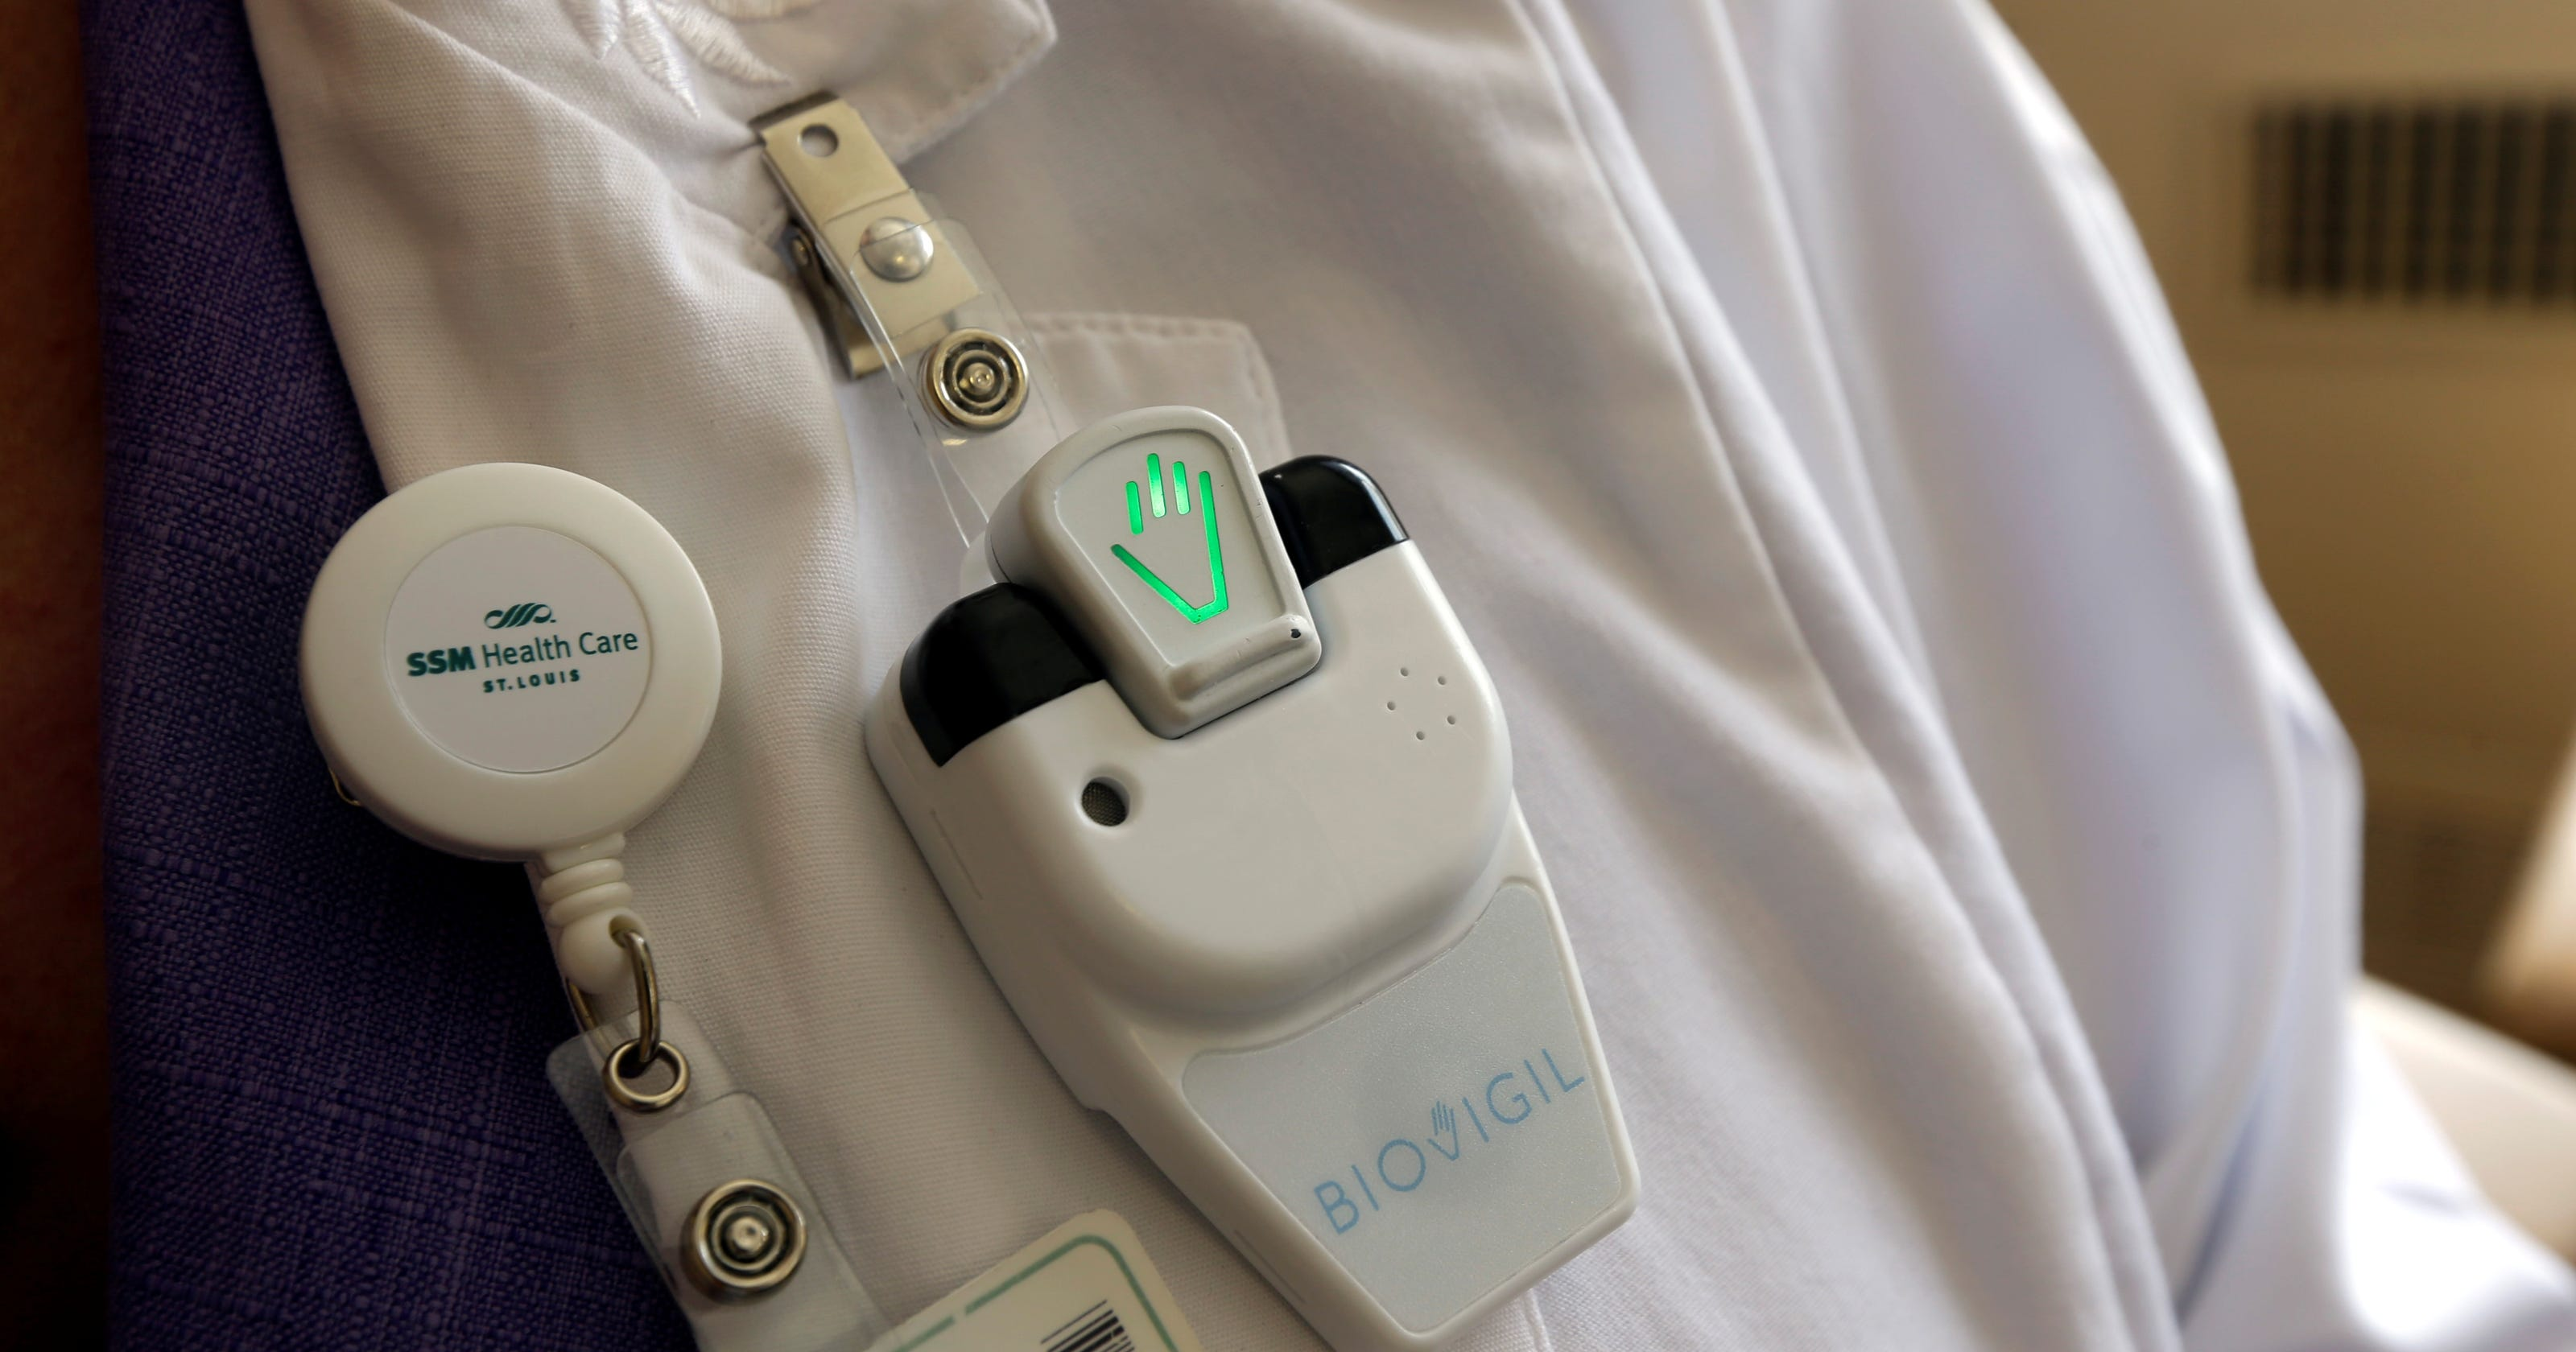 Hospitals Seek High Tech Help For Hand Hygiene